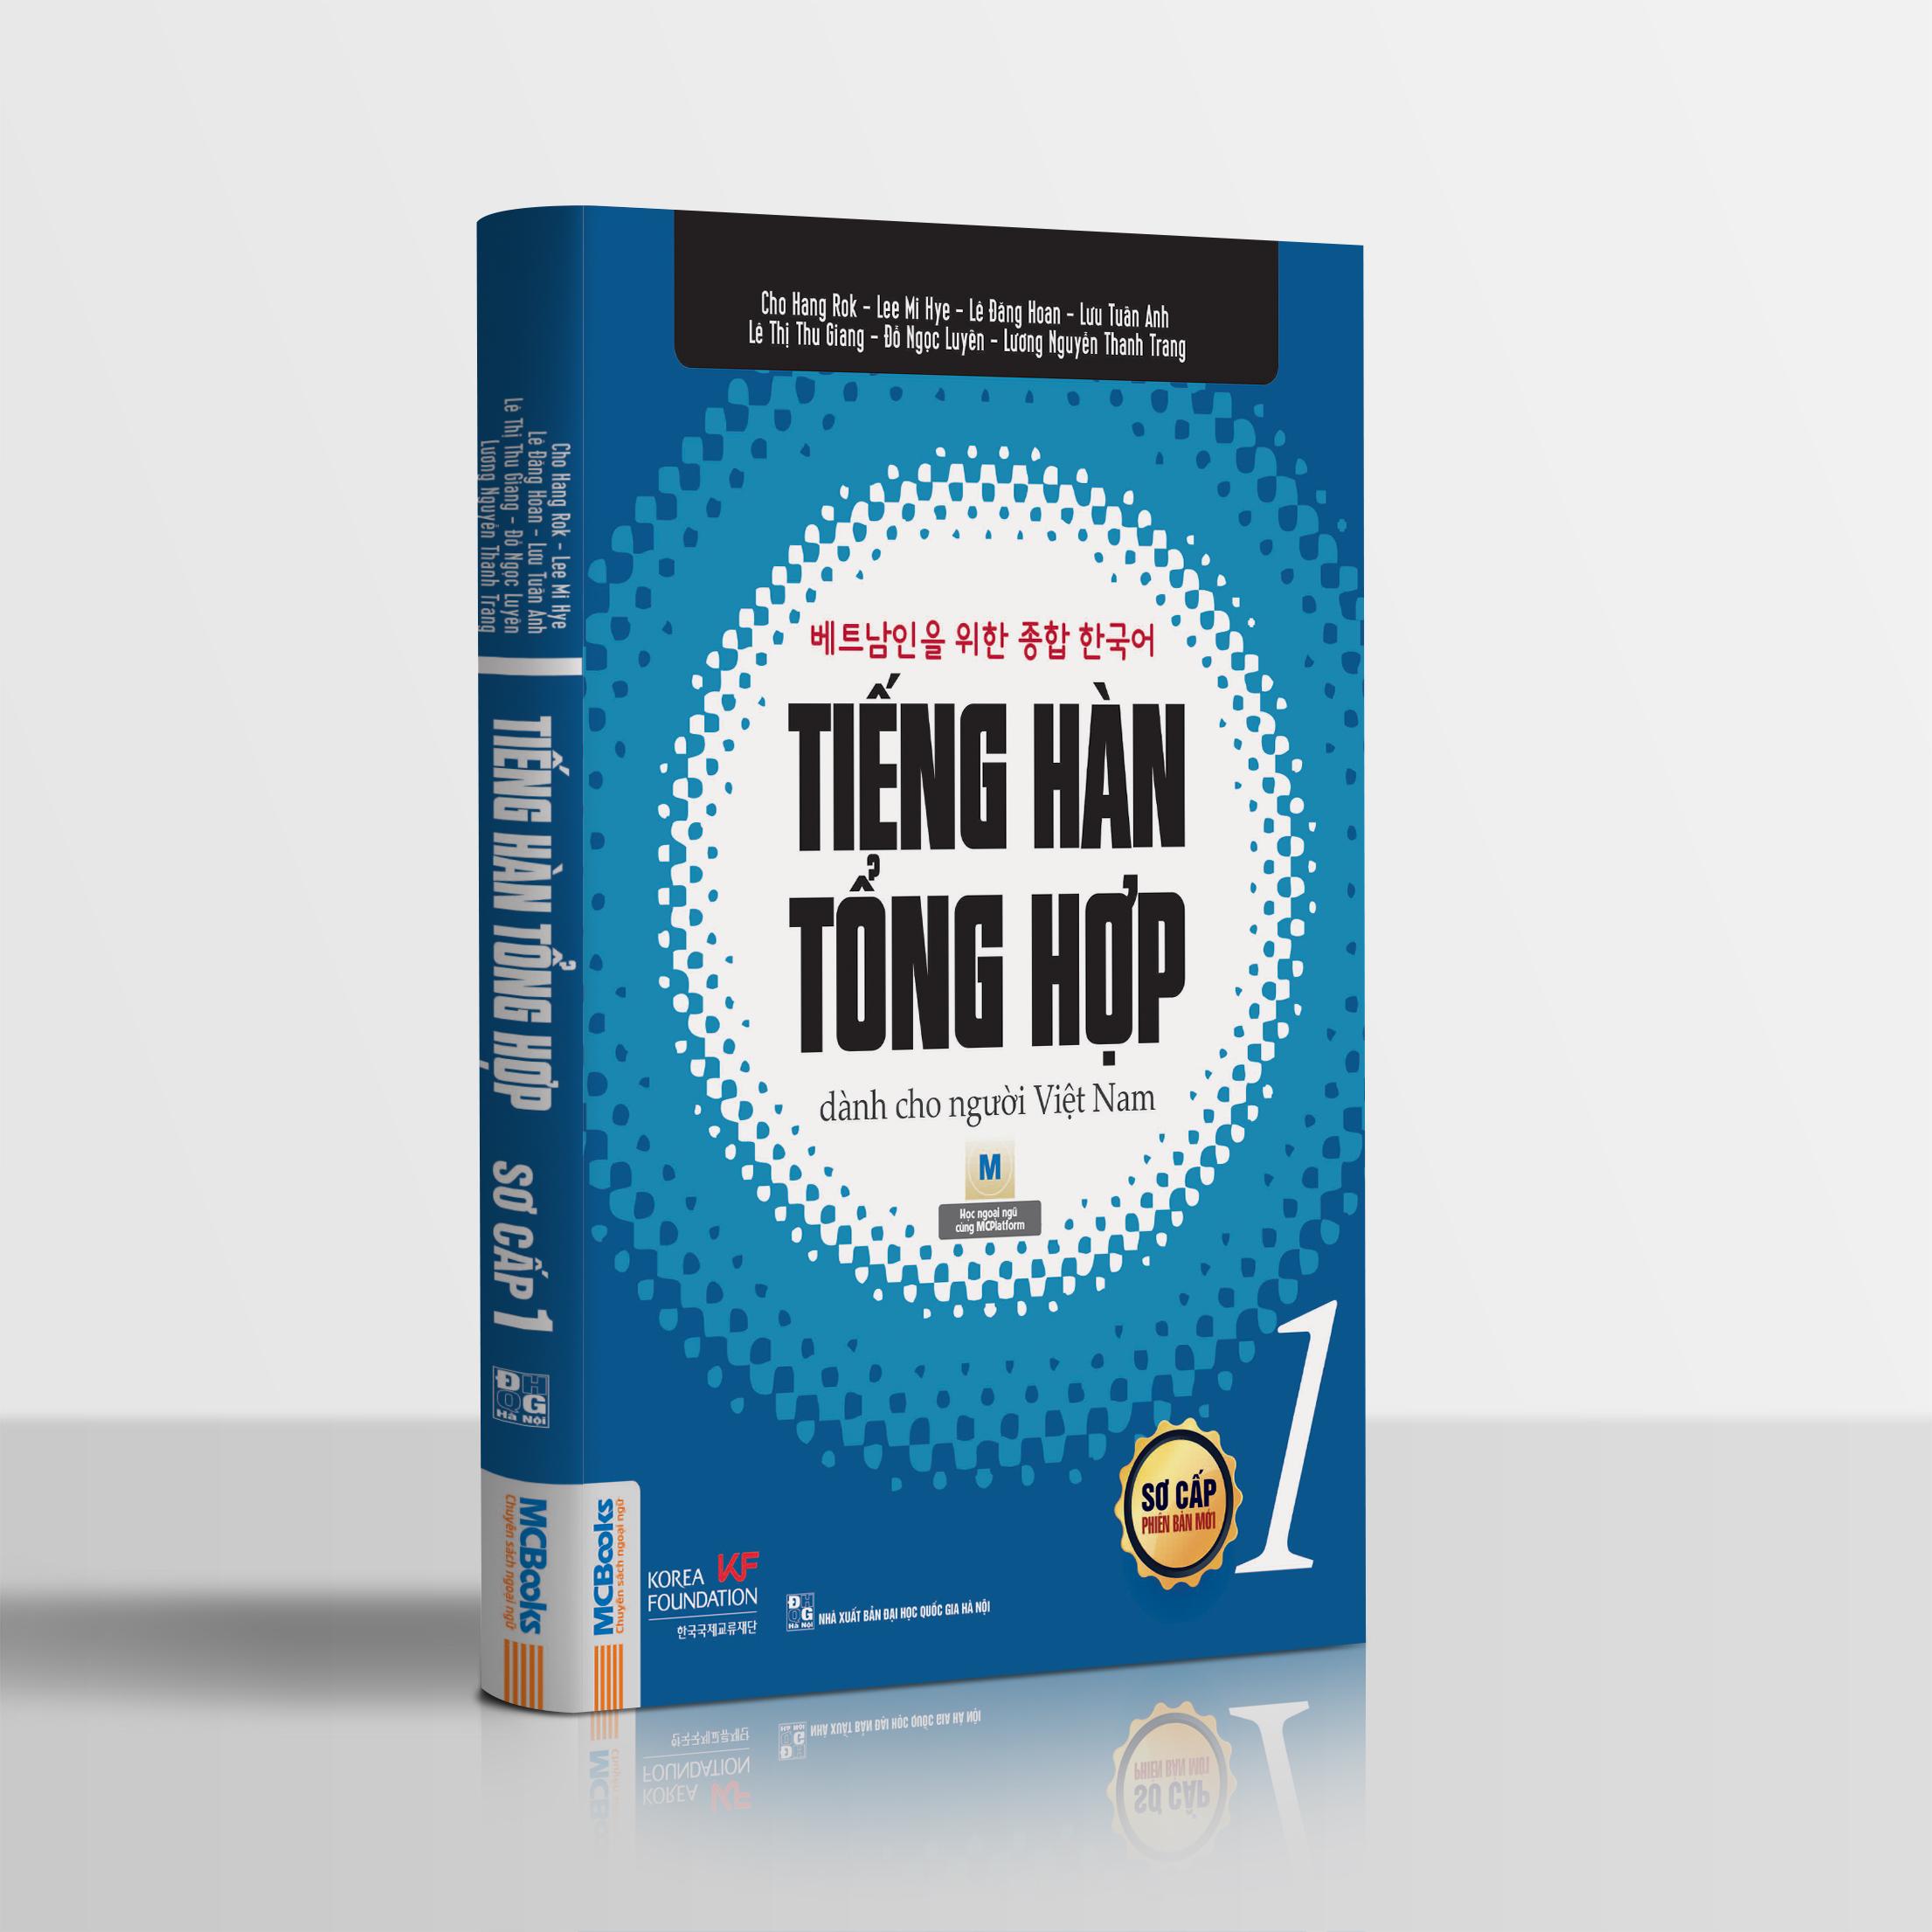 Combo Sách Tiếng hàn tổng hợp dành cho người Việt Nam - Sơ cấp 1 (Phiên bản 1 màu)